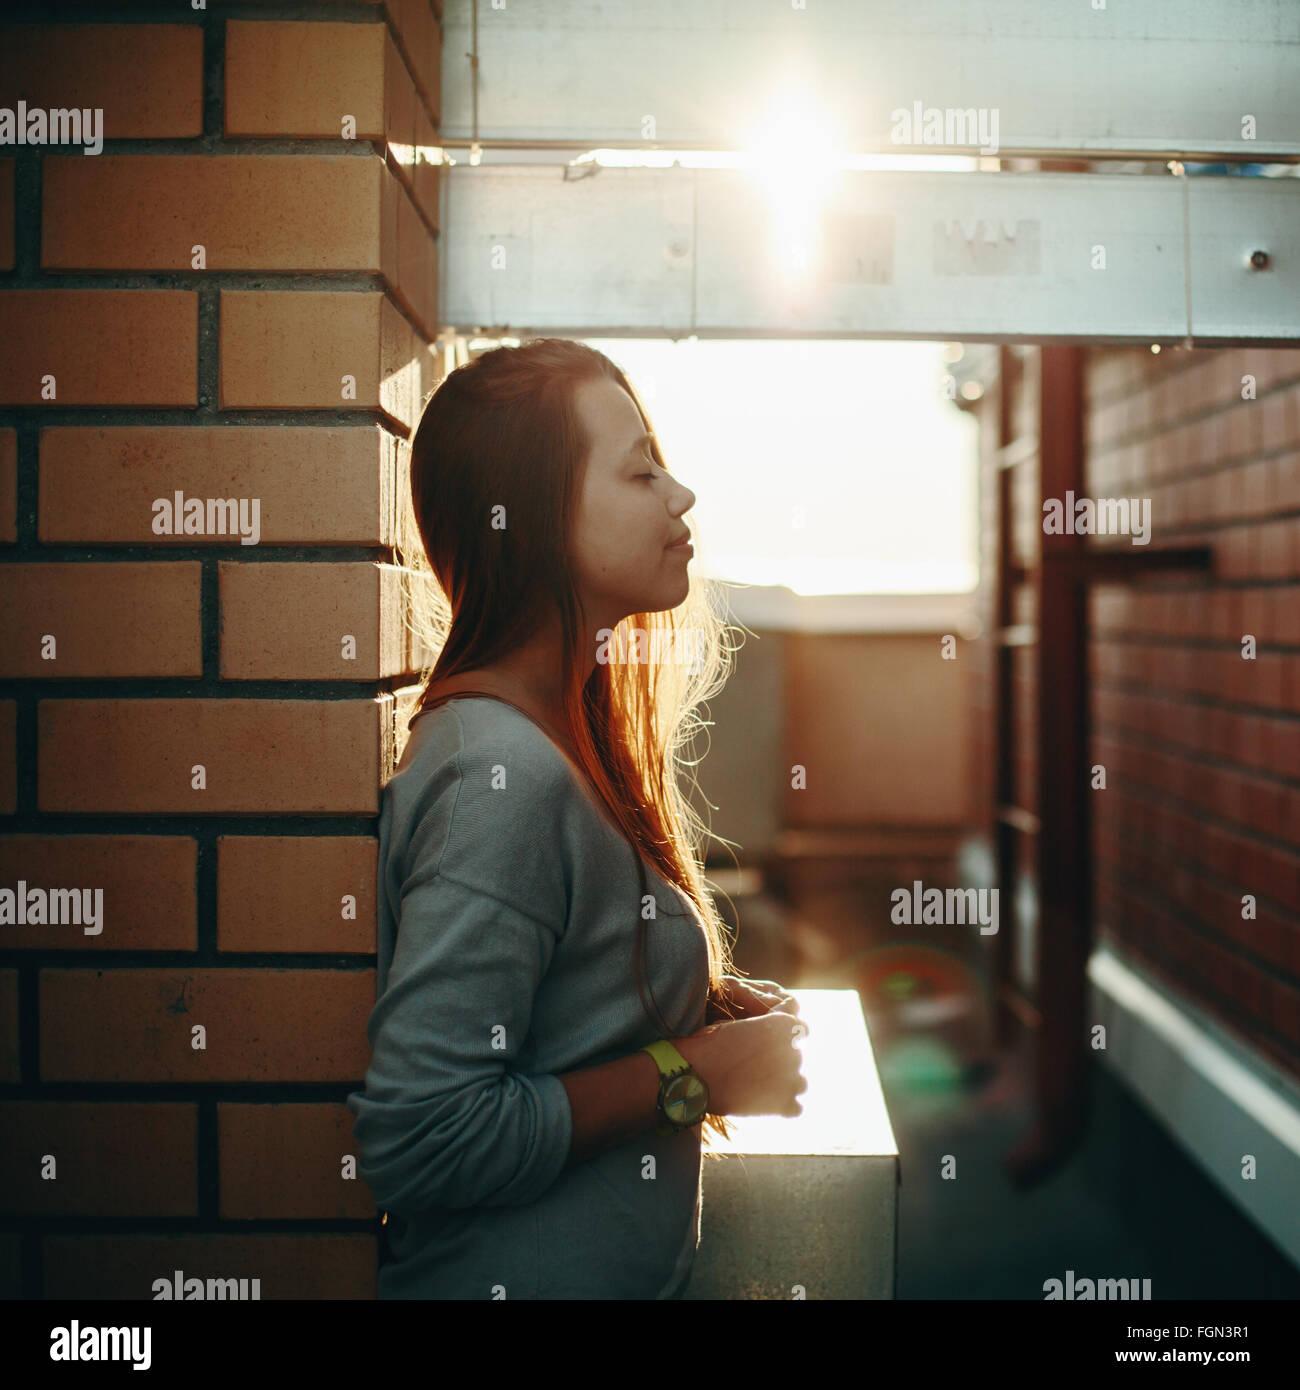 Junge Frau stehen auf einer Straße mit geschlossenen Augen im Sonnenuntergang Licht. Selektiven Fokus, Lens Stockbild